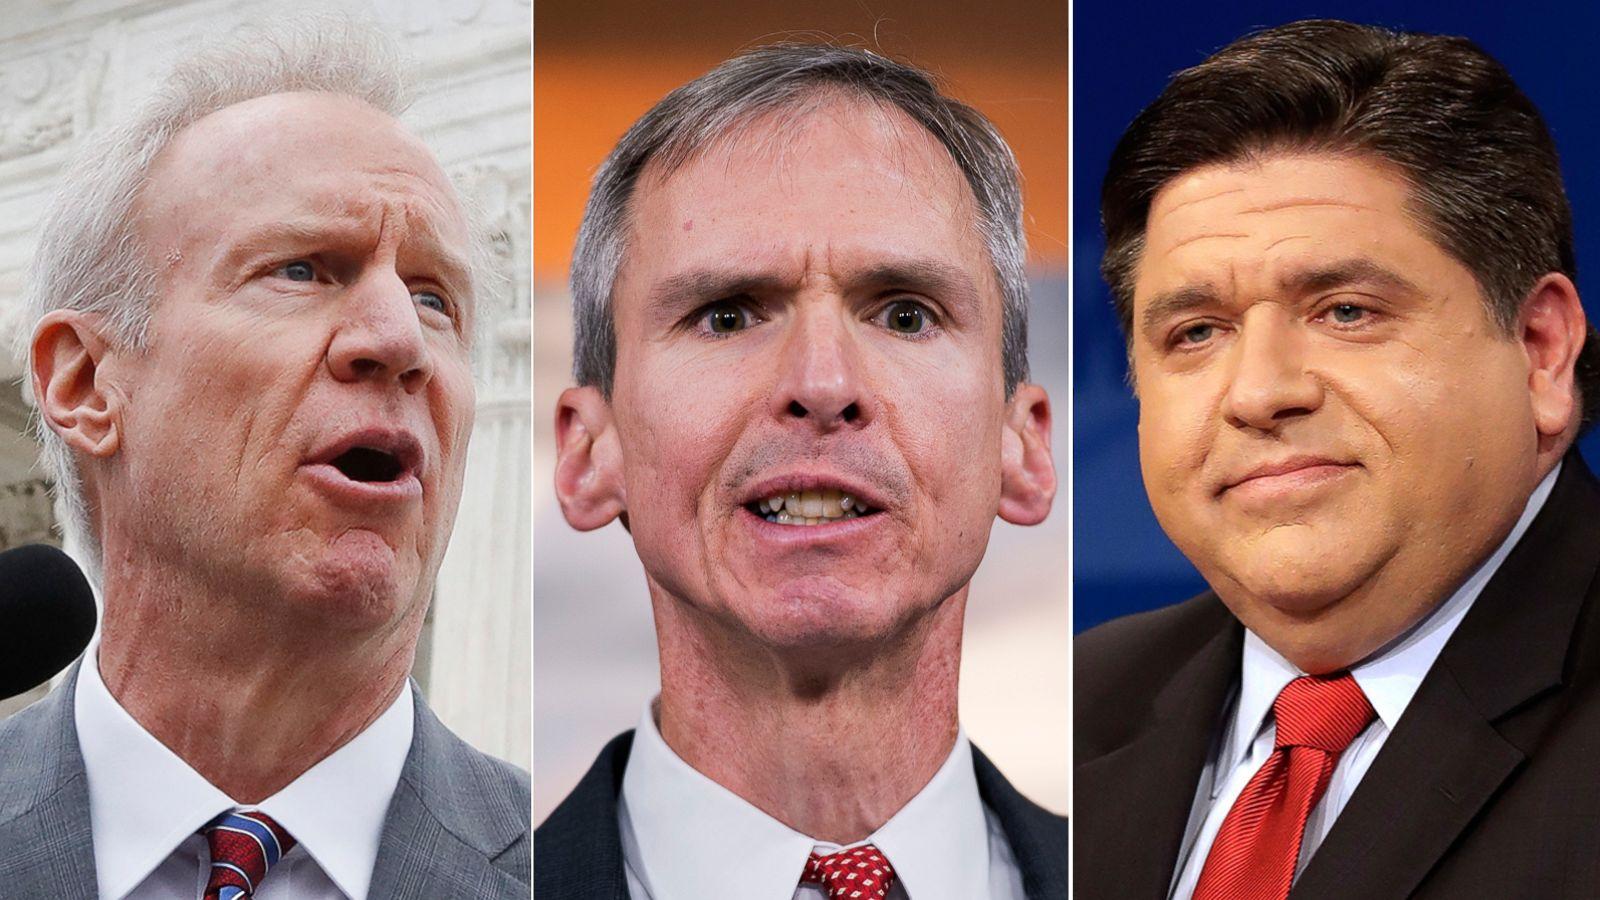 Incumbents, money triumph in several contentious Illinois primaries ...